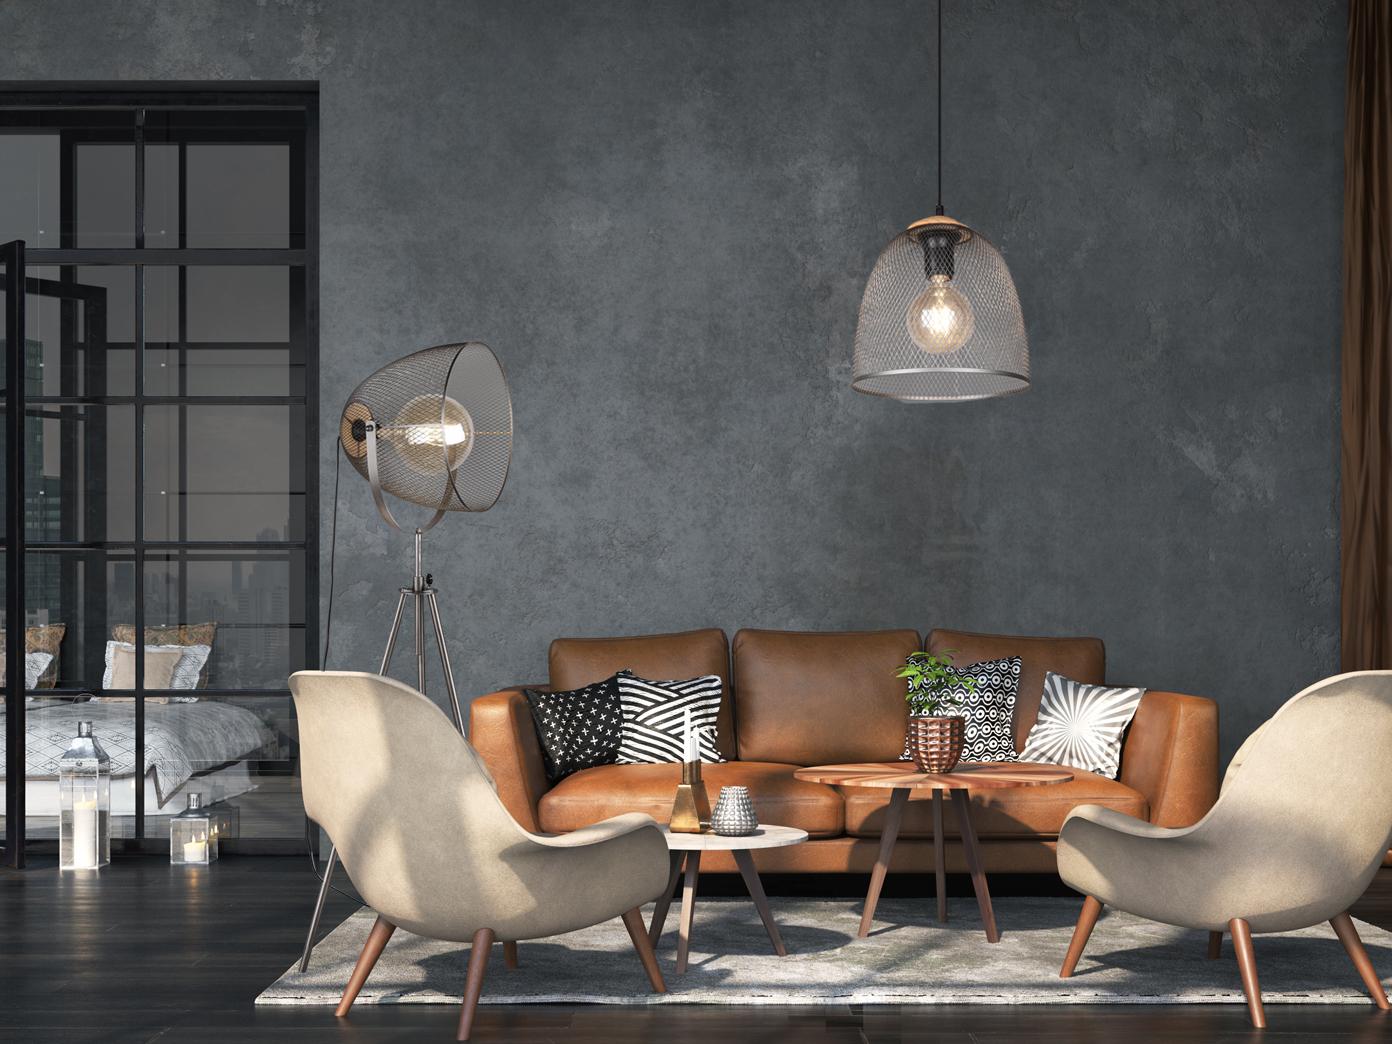 Hohenverstellbare Led Stehlampe Dreibein Korblampe Hinter Sofa Mit Drahtgeflecht Kaufen Bei Setpoint Deutschland Gmbh